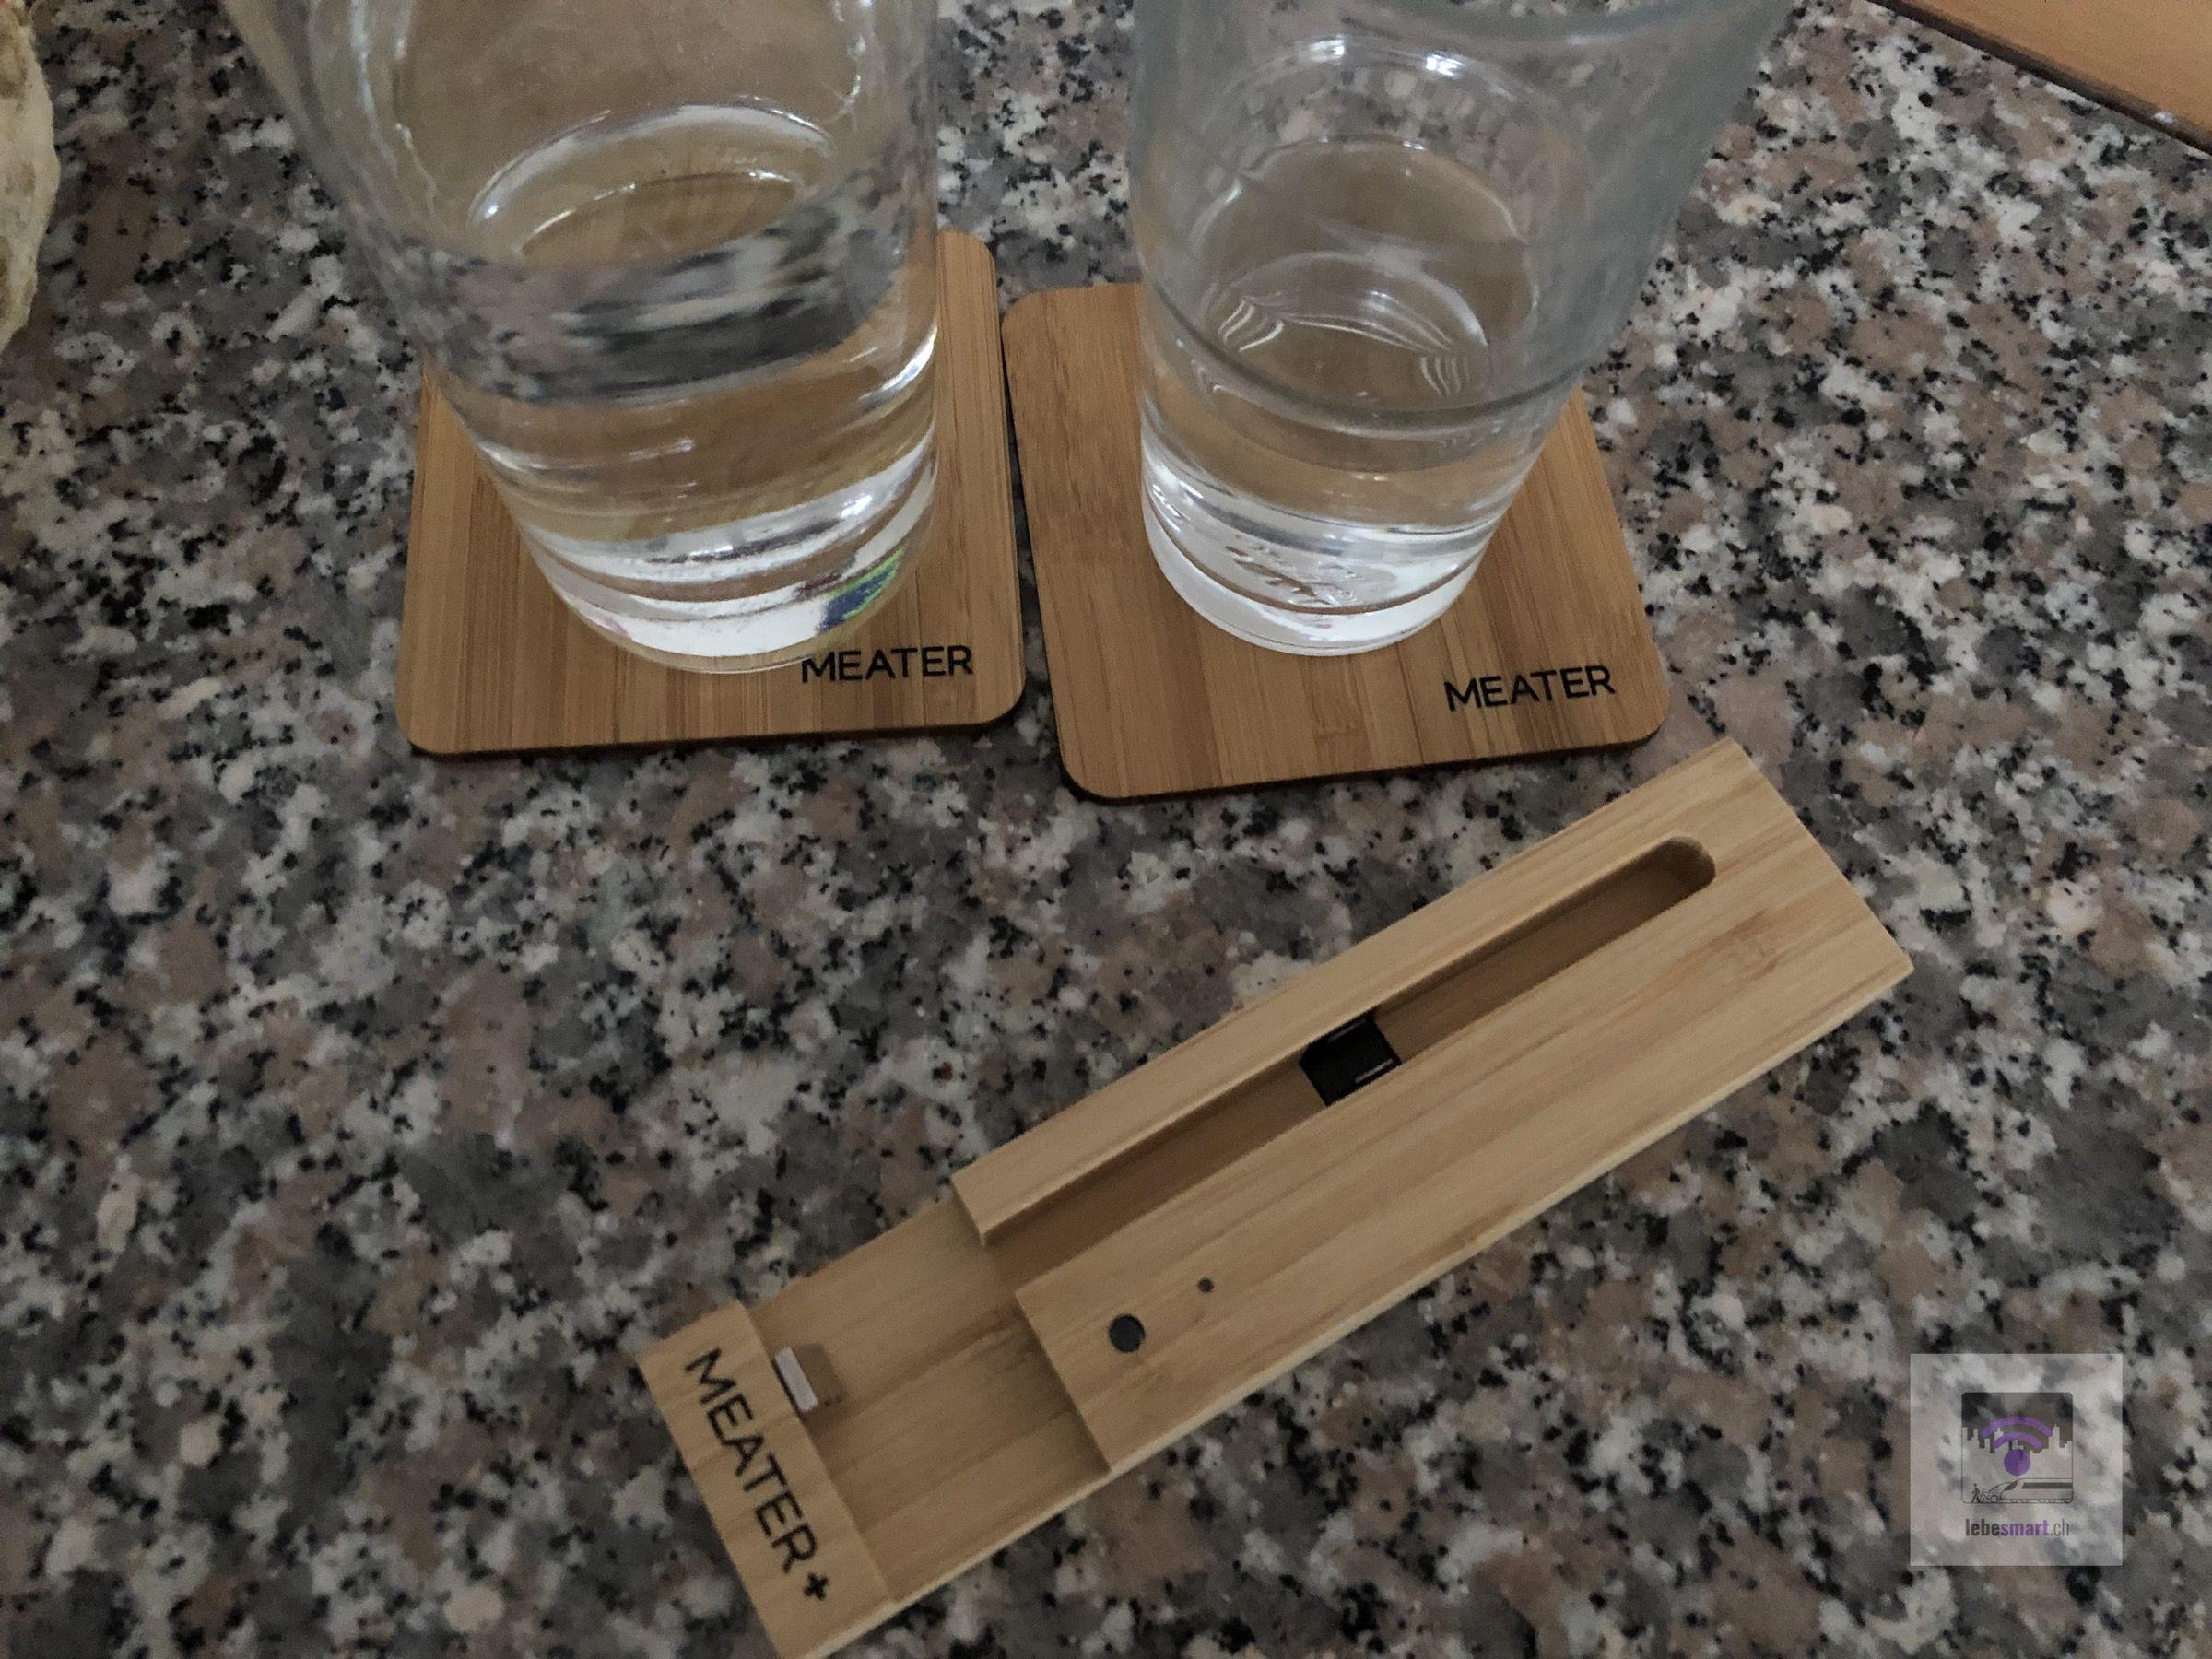 Tolle und passende Unterleger für die Gläser